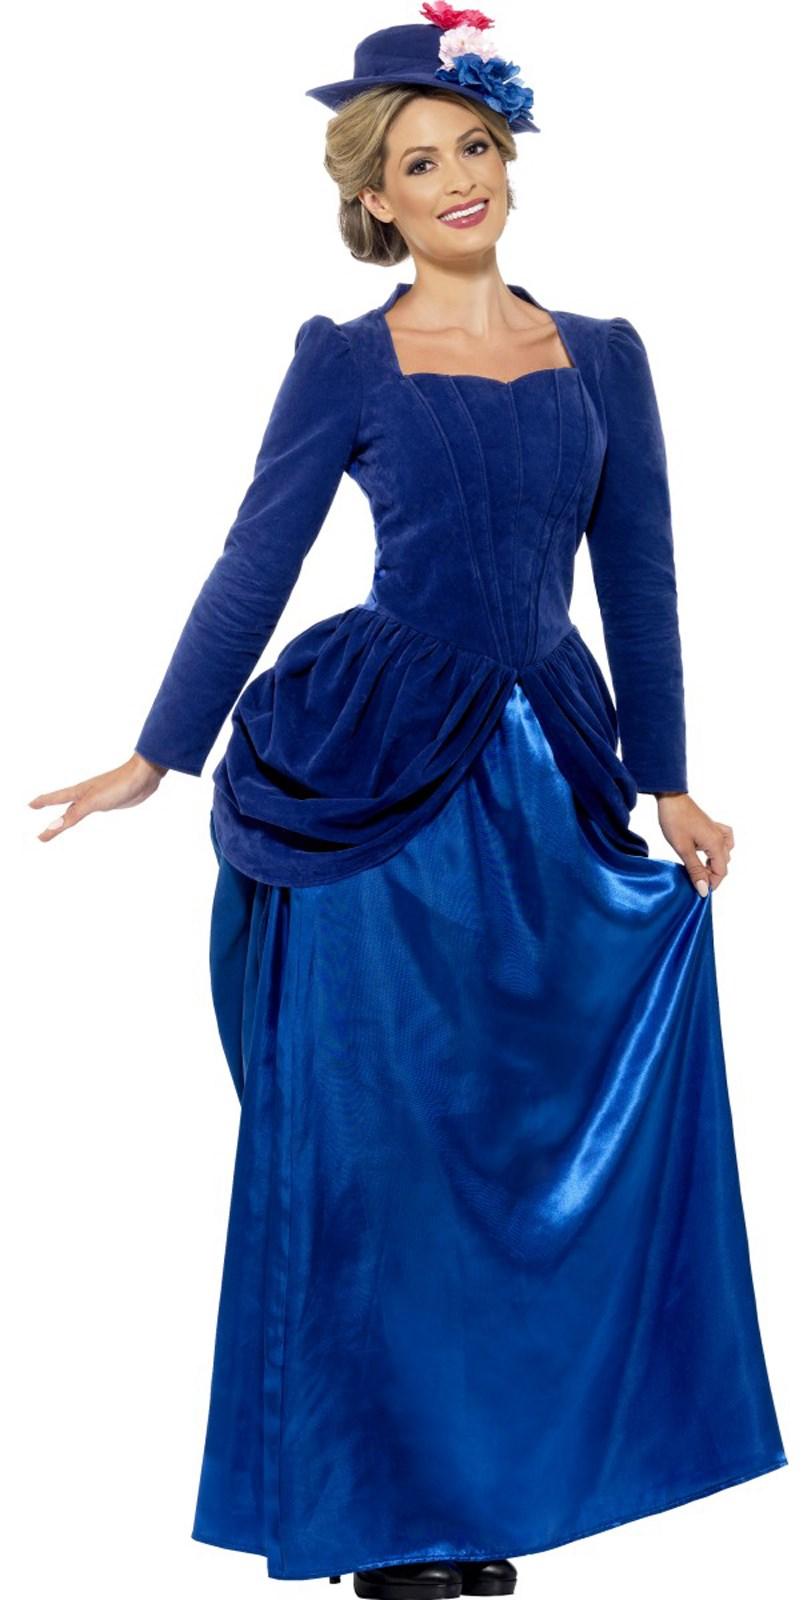 Womens Deluxe Victorian Vixen Costume